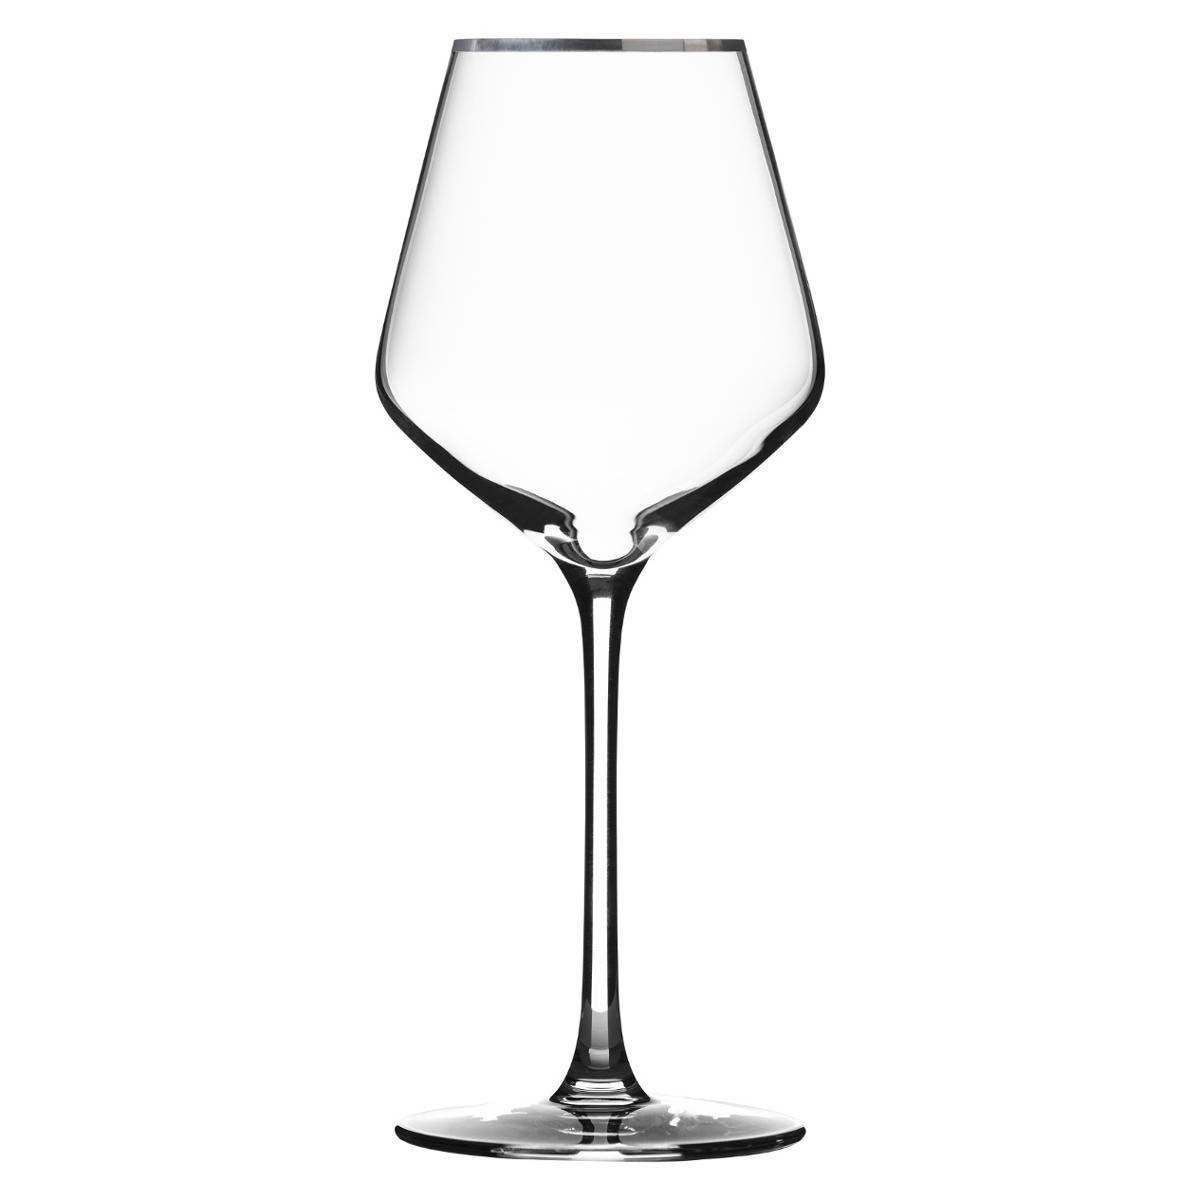 Cadeau pour Femme SPECOOL Coffret Cadeau Verre /à vin Chaussettes /à vin Cupcake Verre /à vin sans Pied Double Isolation en Acier Inoxydable avec Couvercle et Paille